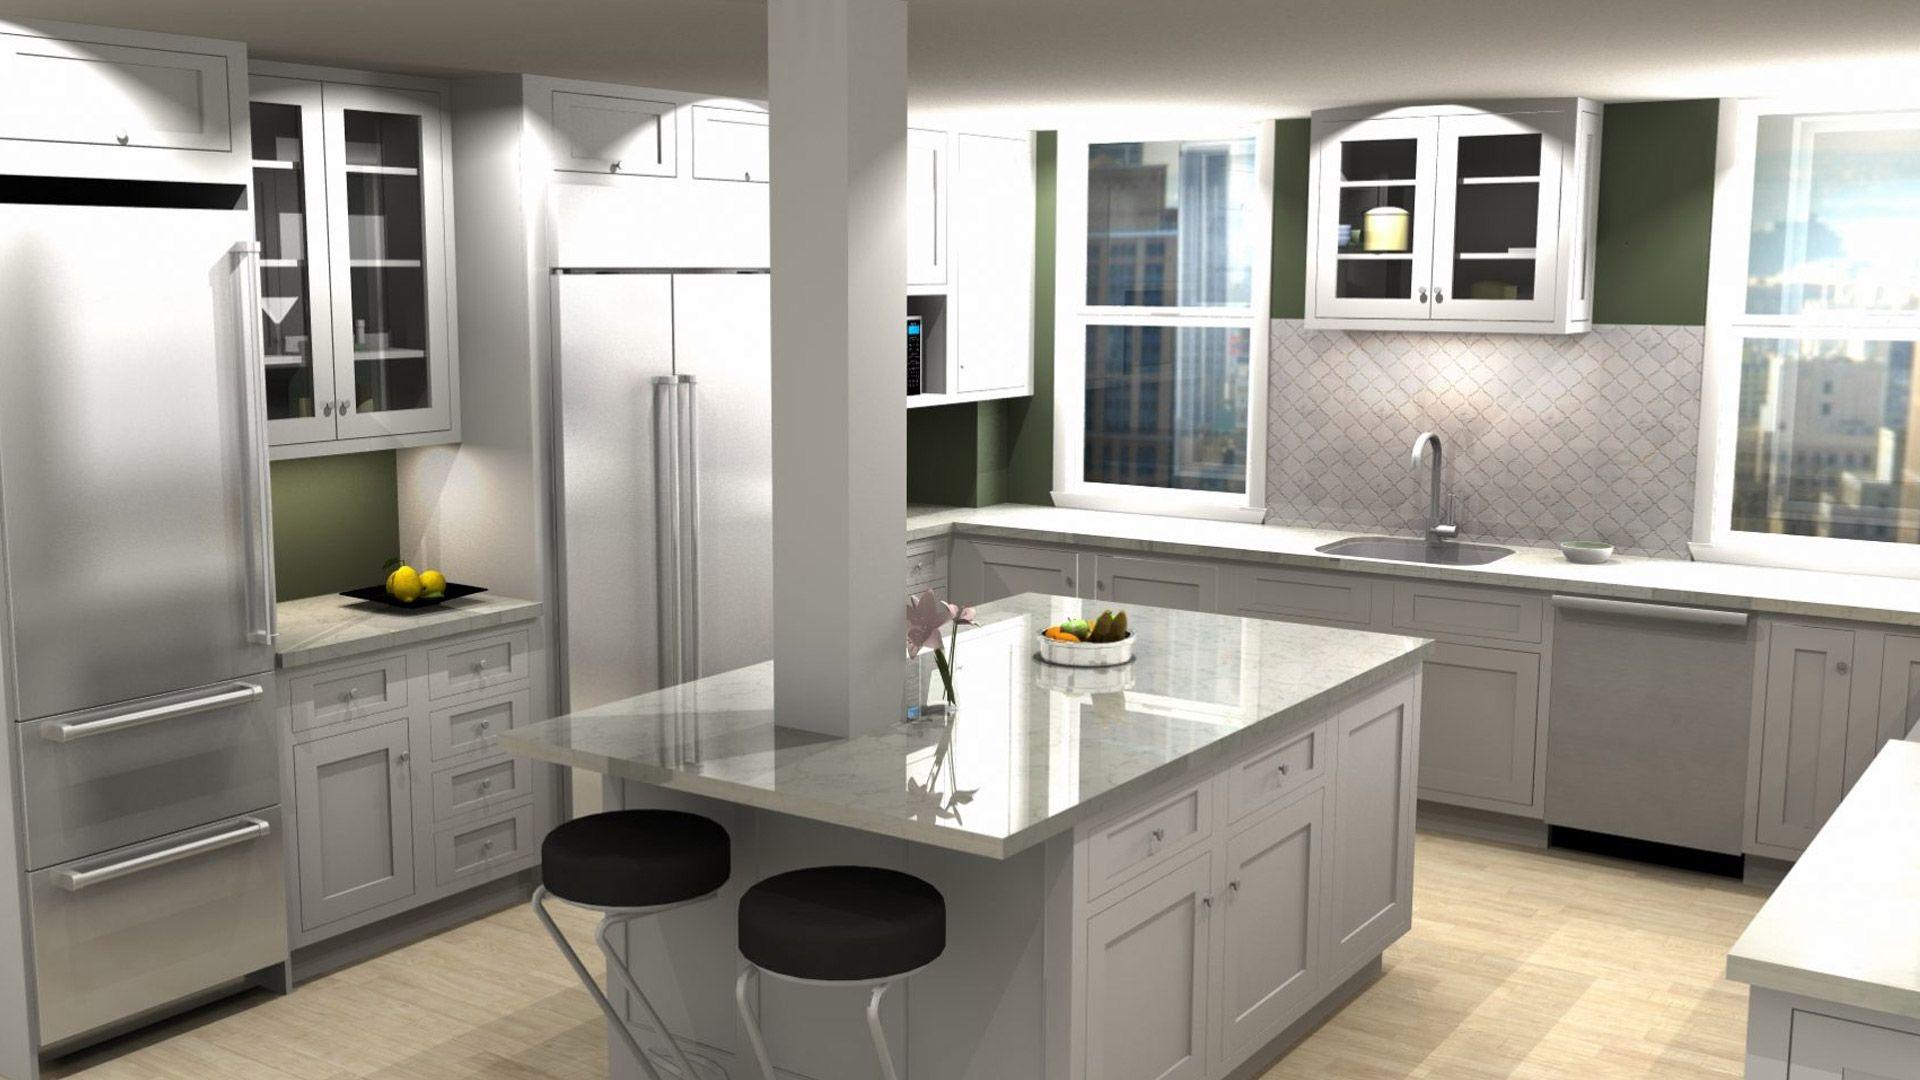 design inspiration awards 2016 gallery kitchen decor kitchen inspiration design free kitchen on kitchen remodel kitchen designs id=35191